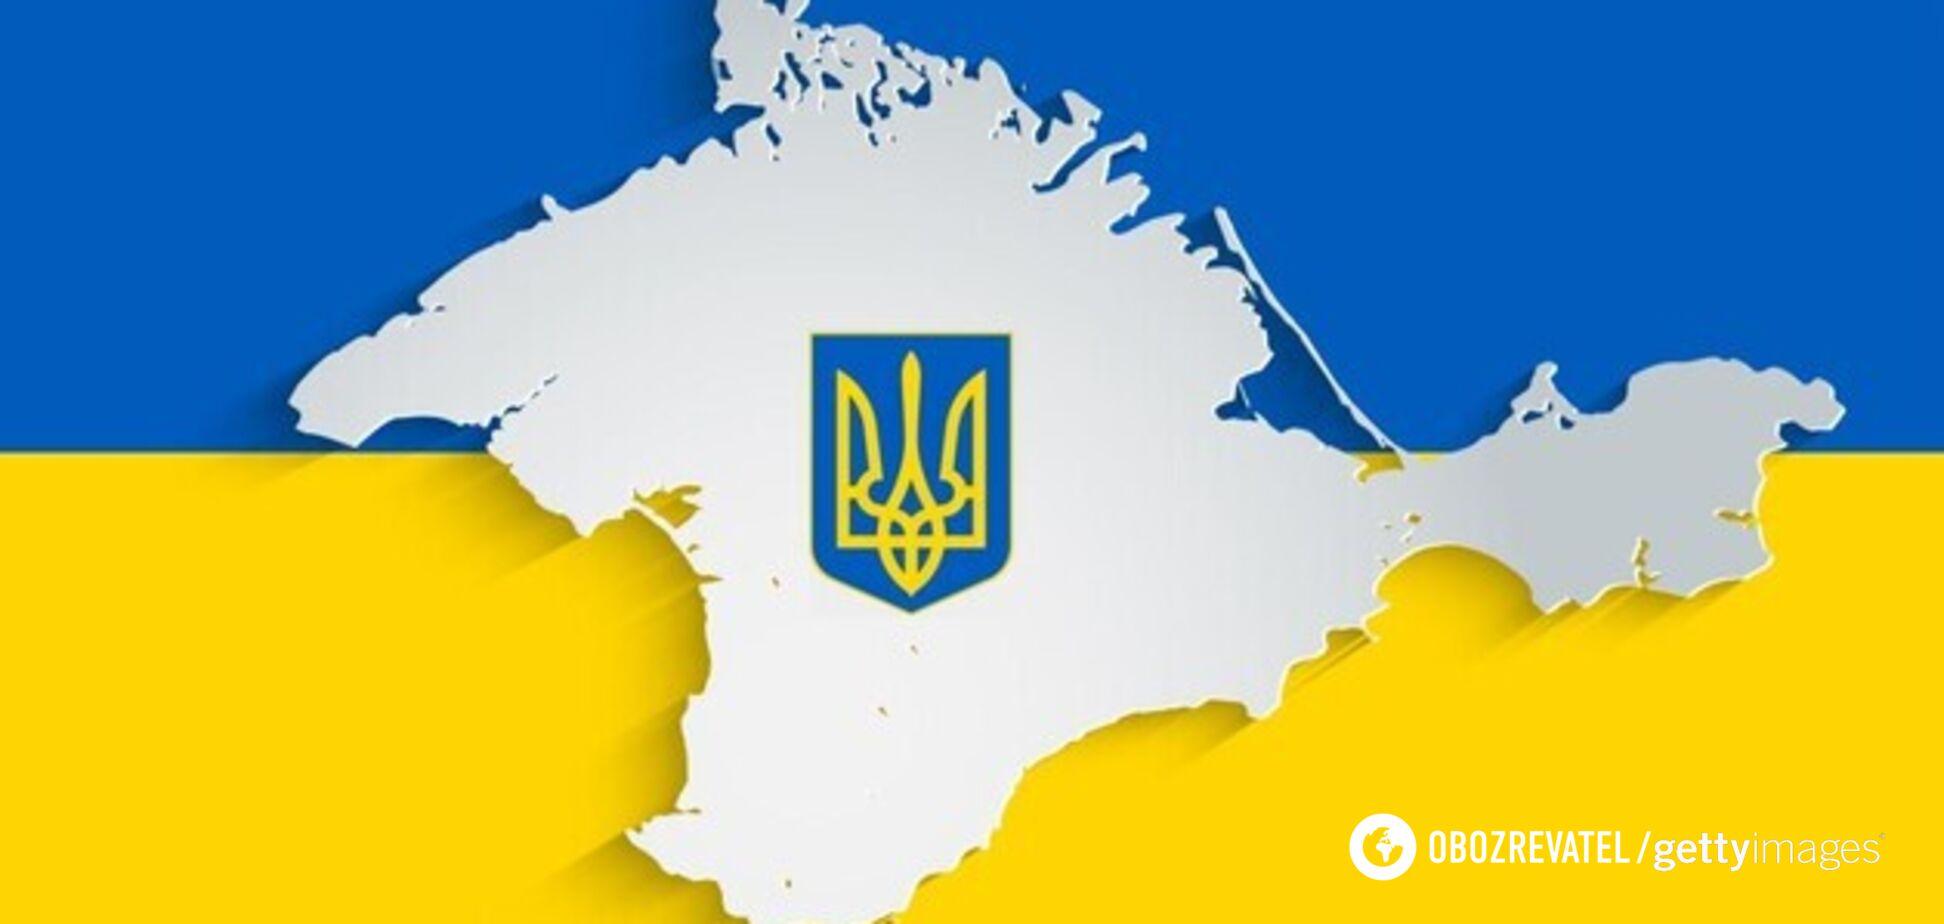 Нищий оккупированный Крым будут убеждать в 'хорошей жизни' россиян